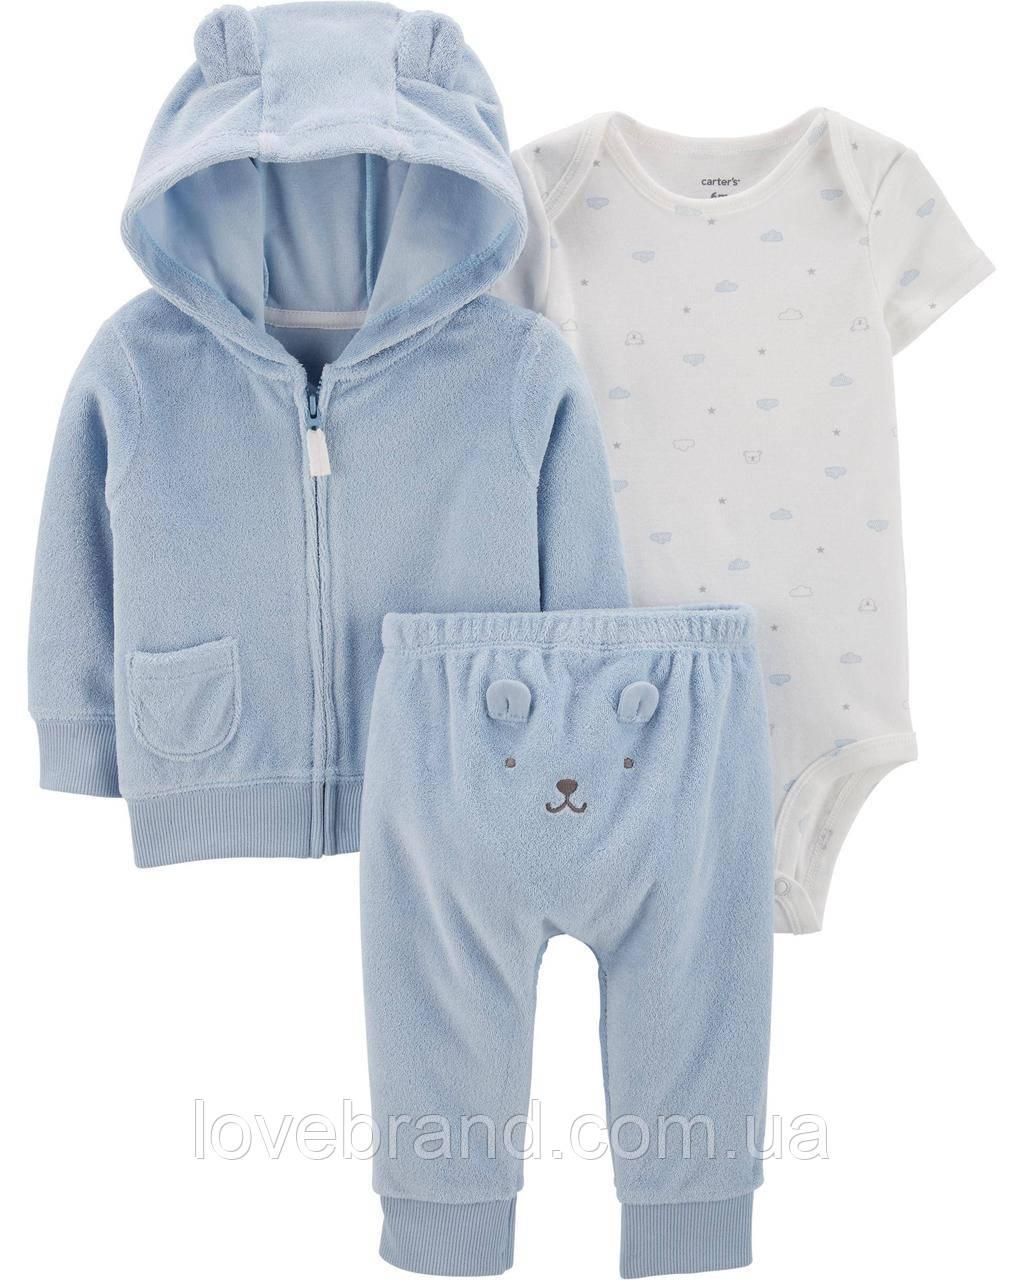 Махровый голубой набор для новорожденных Carter's  (картерс)  nb/до 55 см